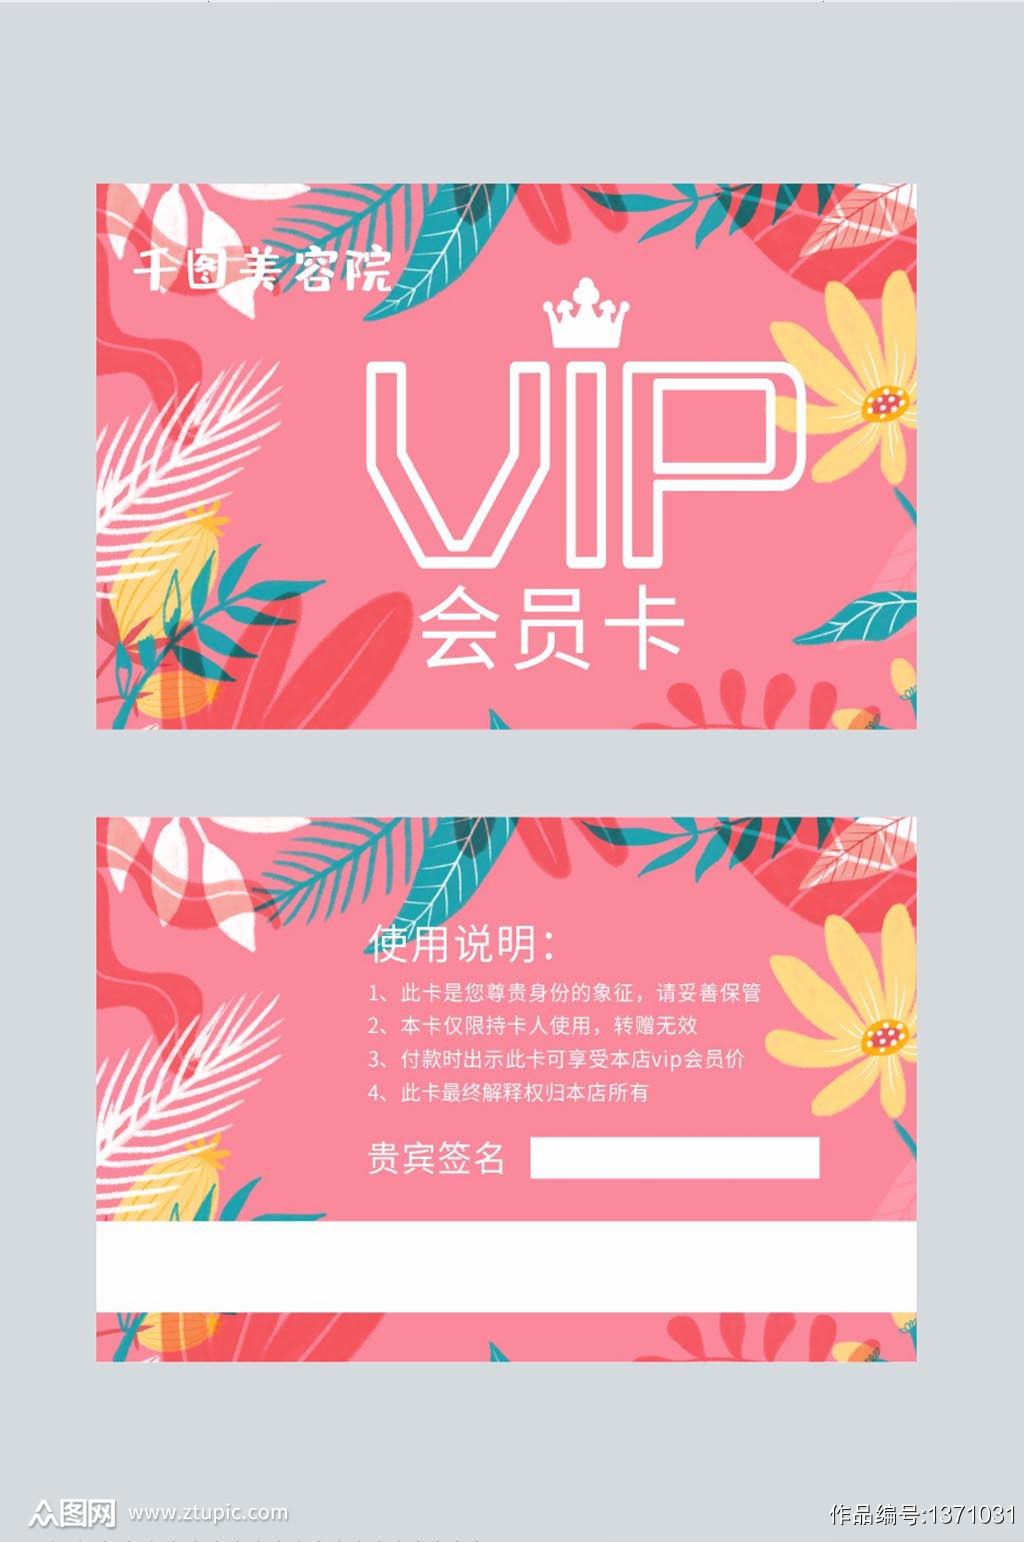 美容院会员卡贵宾卡VIP卡素材